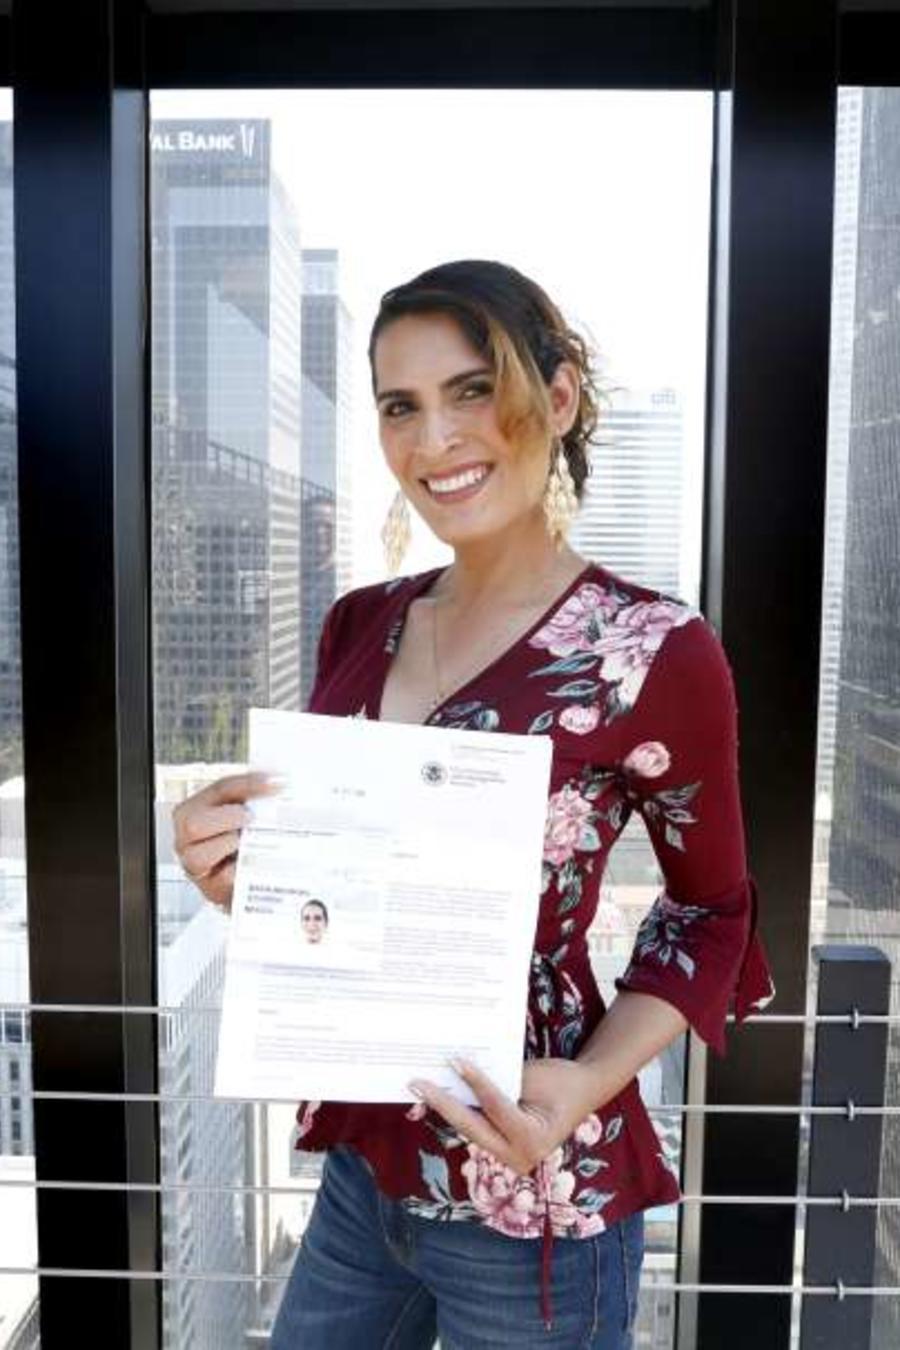 La inmigrante transgénero Victoria Murillo muestra el permiso migratorio tras recibir el asilo.